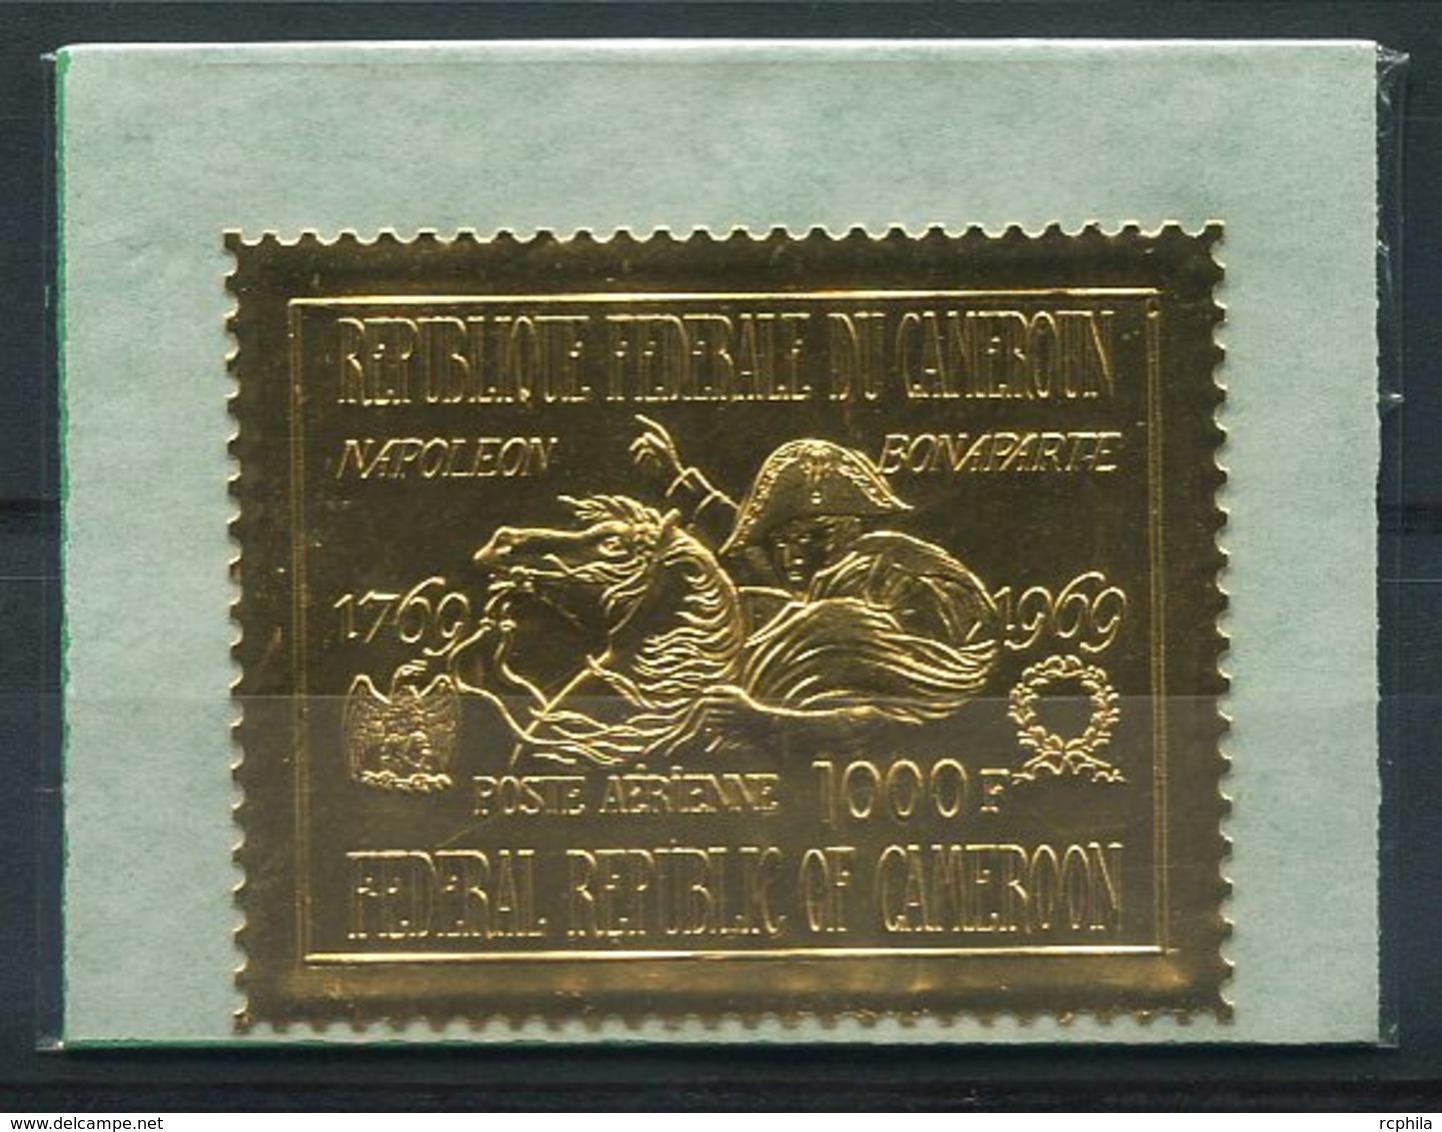 RC 14885 CAMEROUN PA N° 137 NAPOLEON TIMBRE EN OR - GOLD STAMP DANS SA POCHETTE D'ORIGINE NEUF ** MNH TB - Kamerun (1960-...)